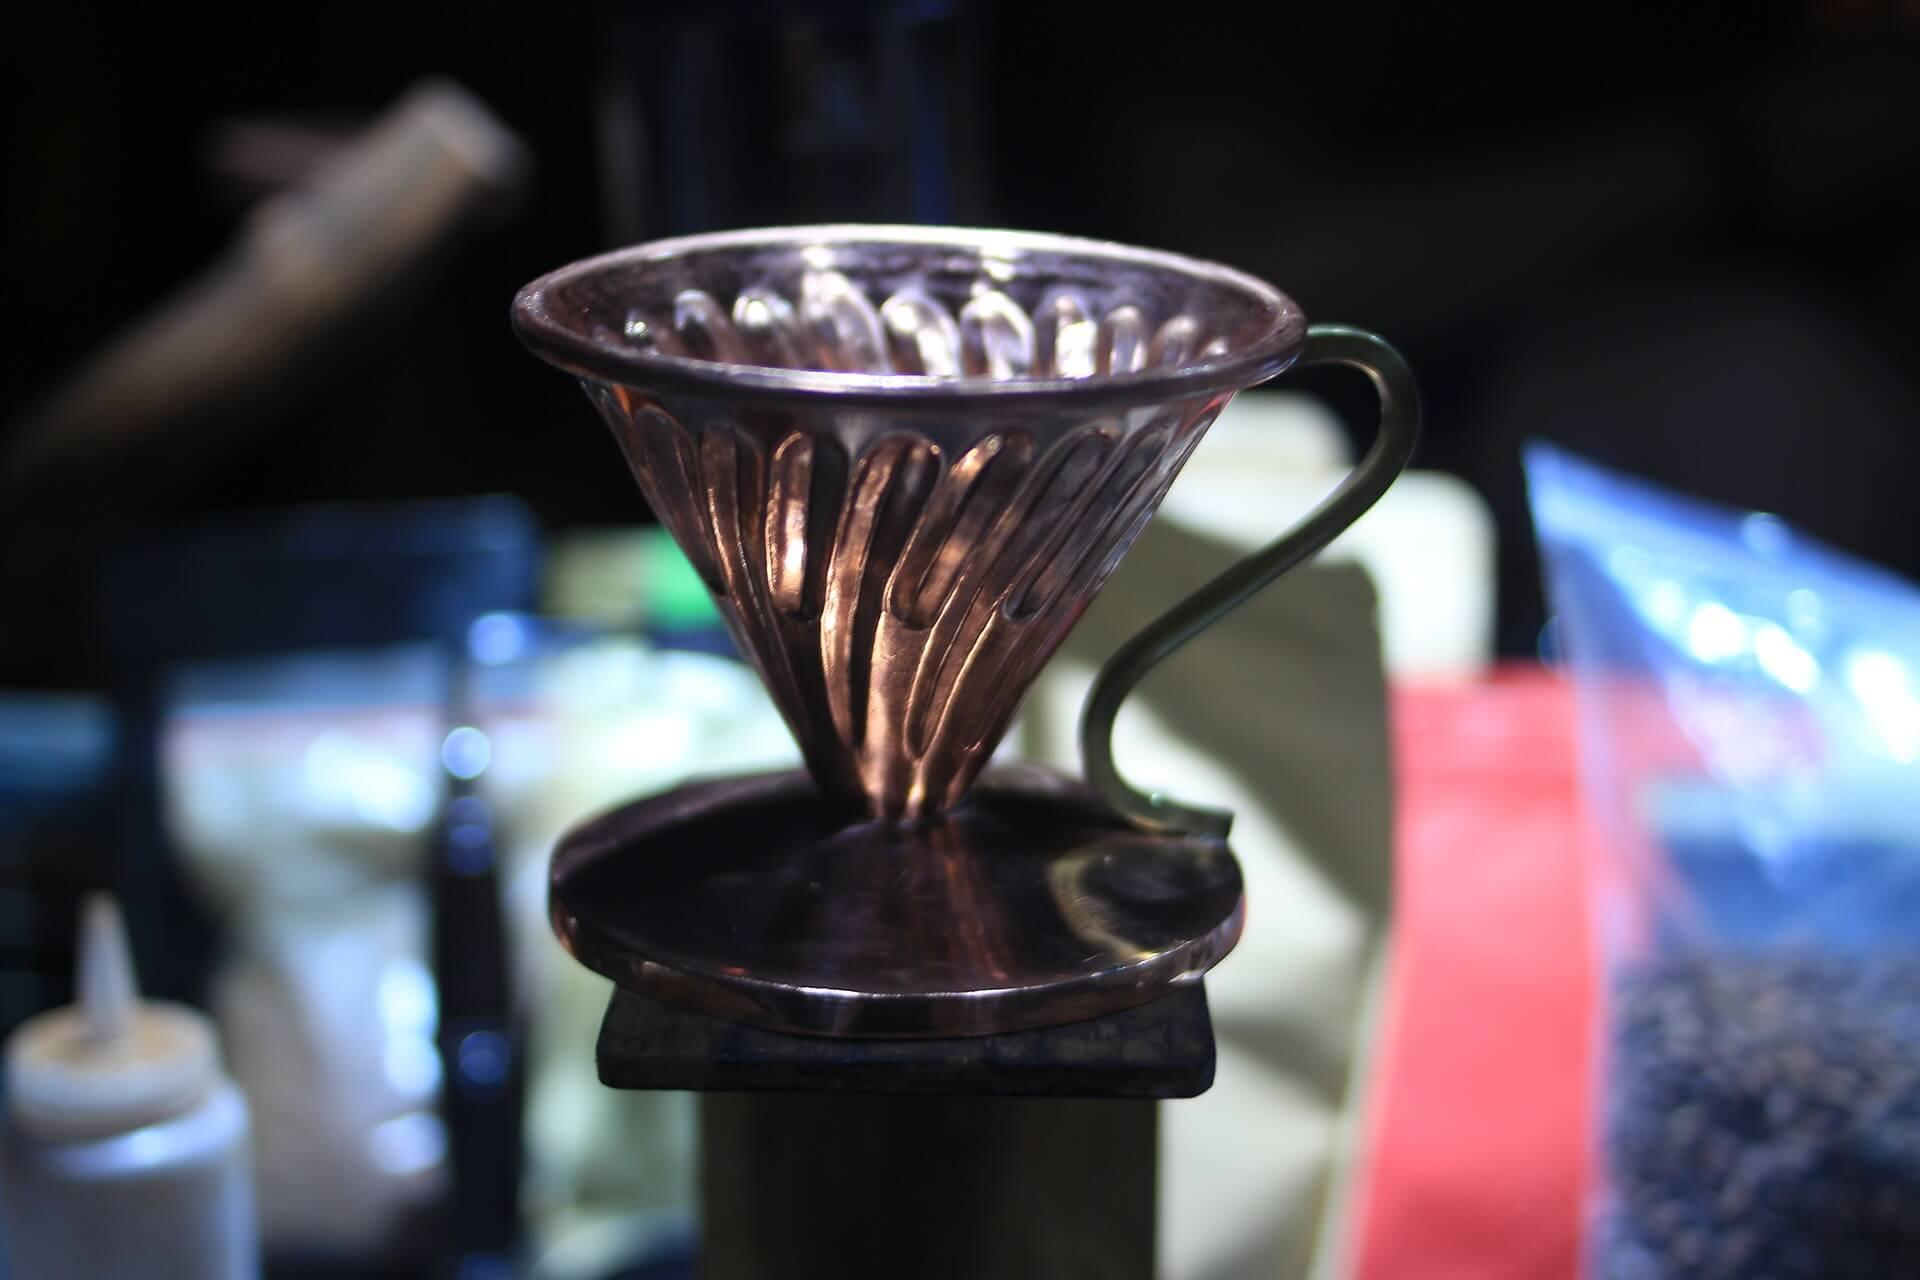 咖啡沖泡器具-V60